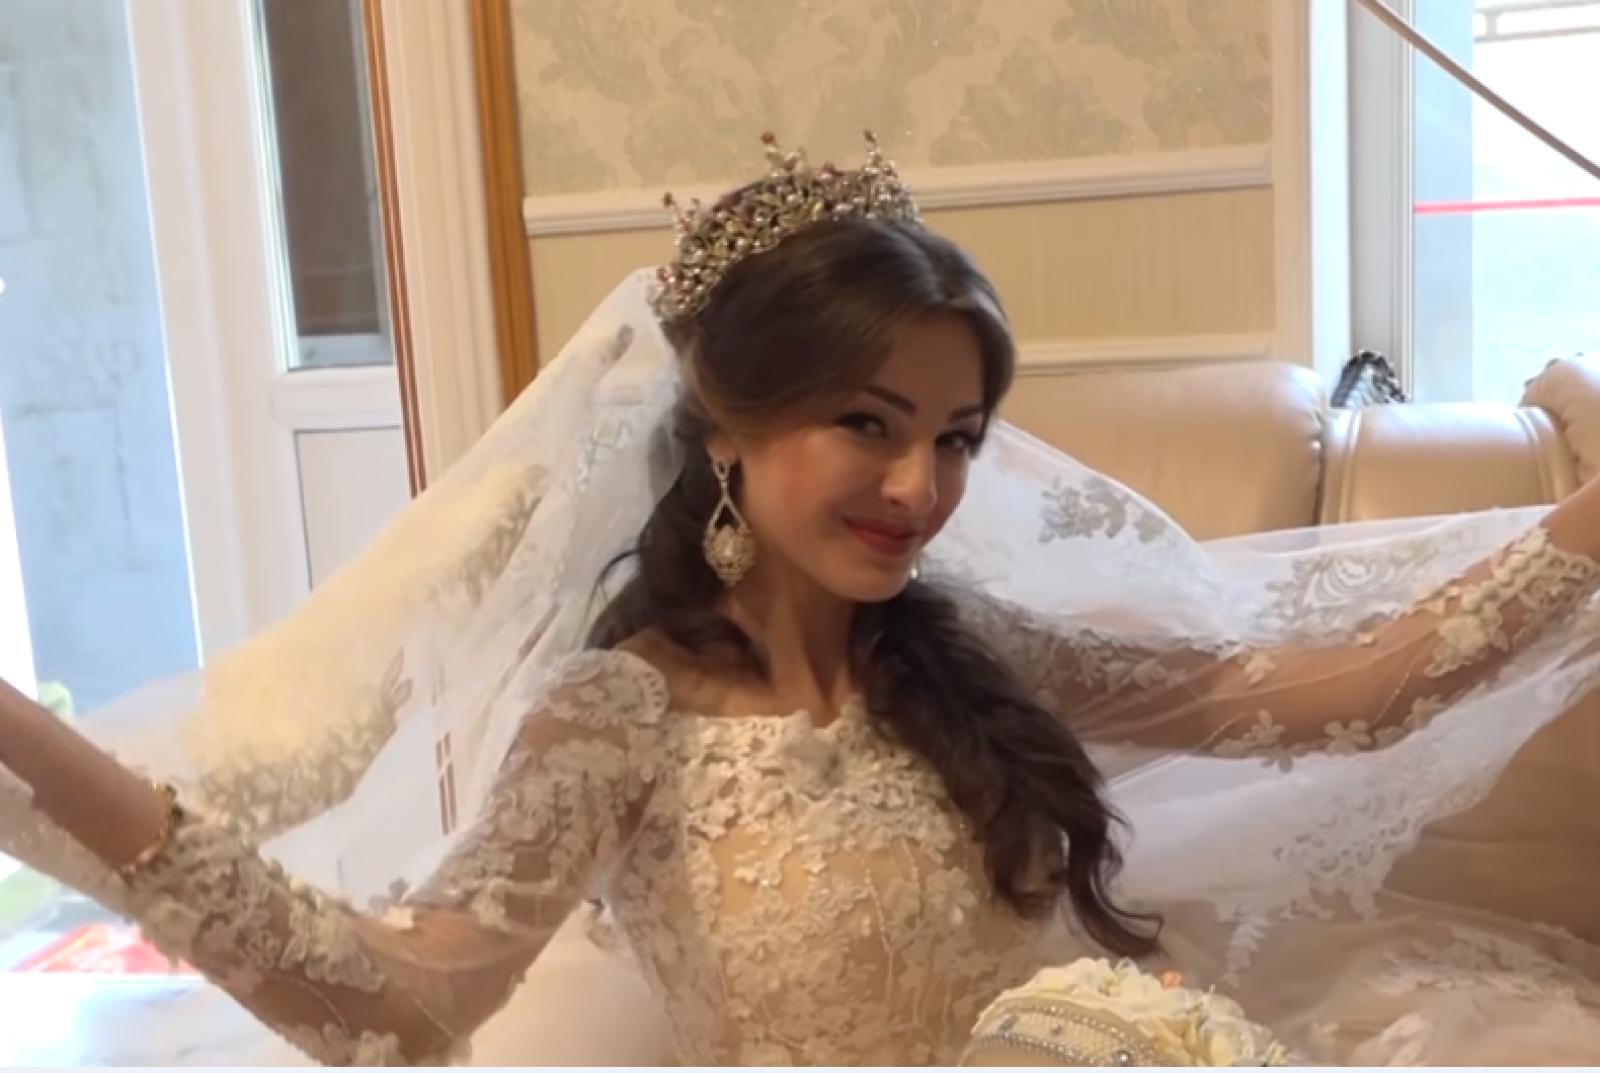 (video) Rochie brodată cu cristale Swarovski: Nepoata baronului țiganilor din Bălți s-a căsătorit, iar mirele a cumpărat-o de la rude cu două kg de aur